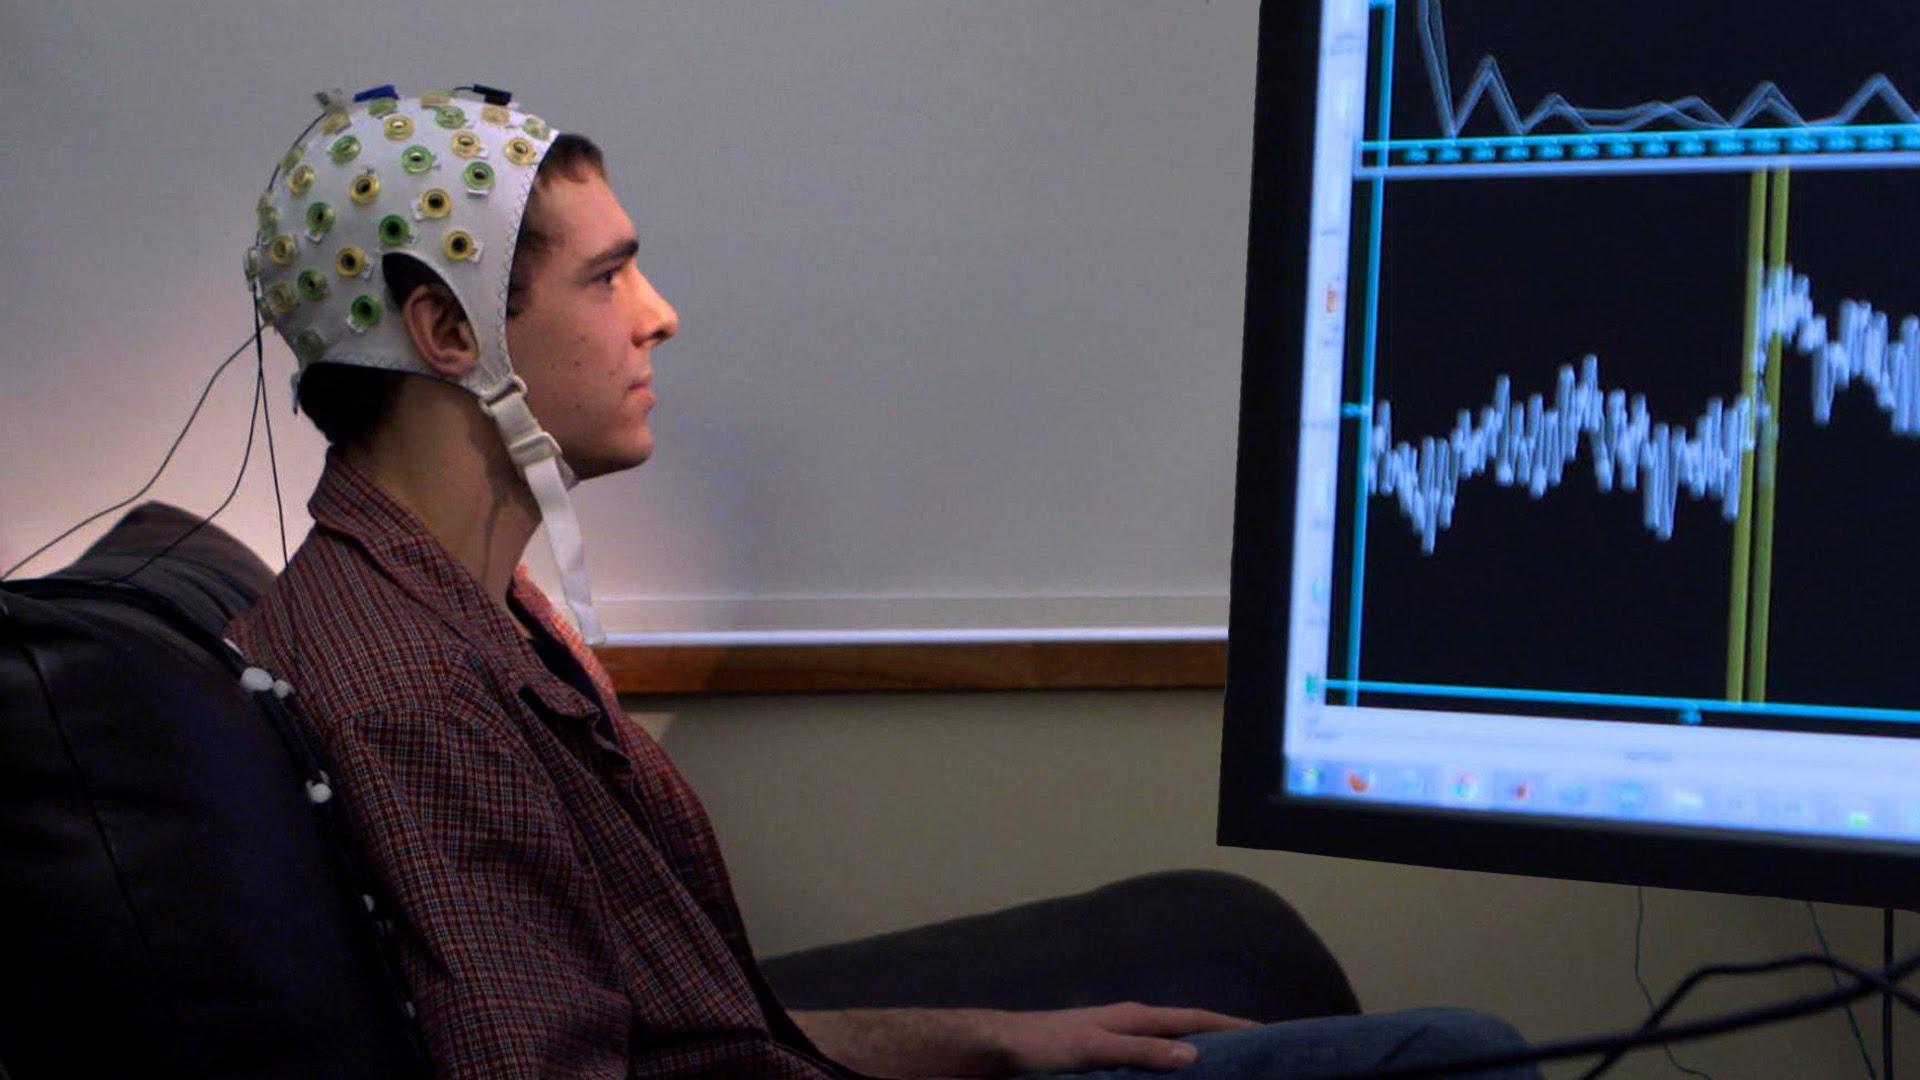 insan beynini bilgisayarda görüntülemek